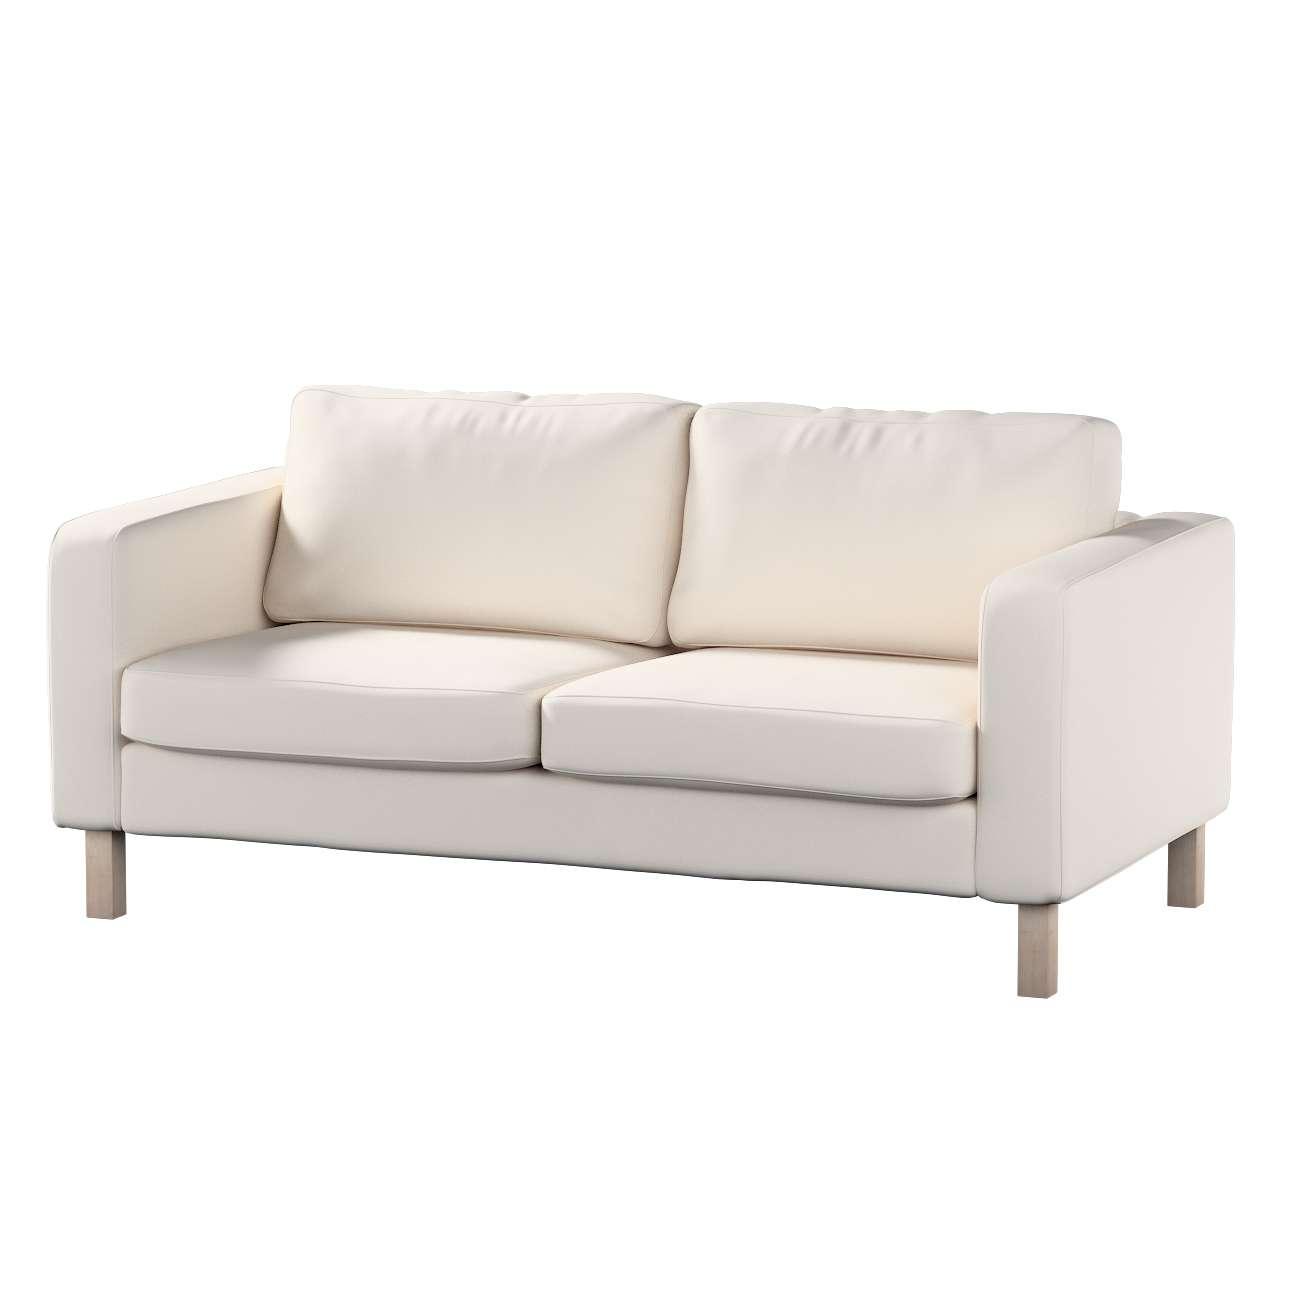 Pokrowiec na sofę Karlstad 2-osobową nierozkładaną krótki Sofa Karlstad 2-osobowa w kolekcji Etna , tkanina: 705-01